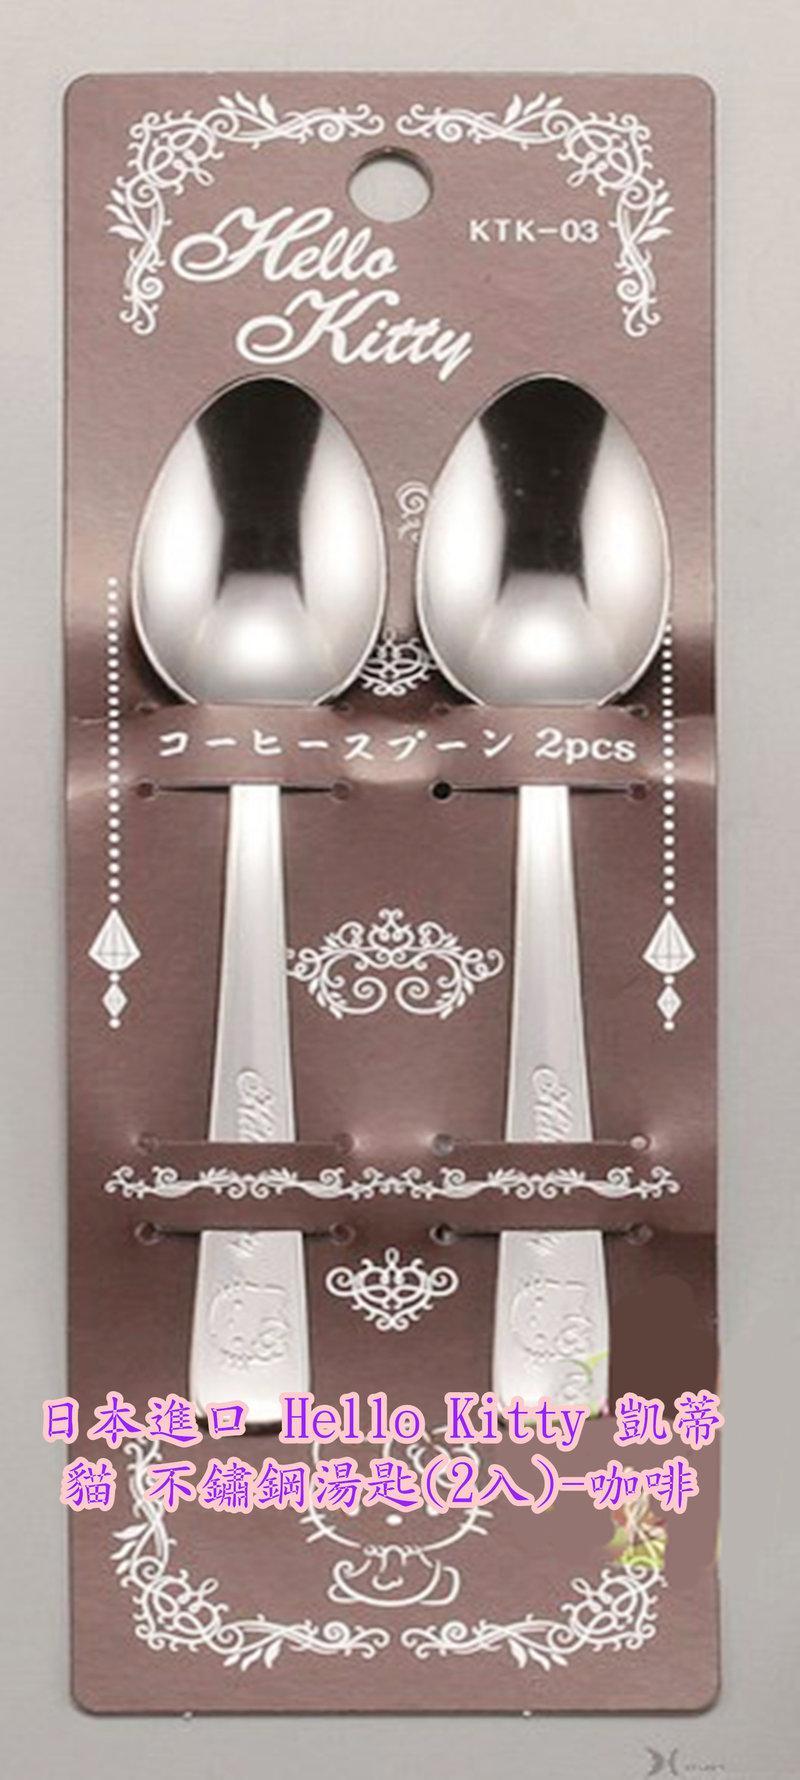 日本進口 經典KT不銹鋼湯匙組-咖啡色